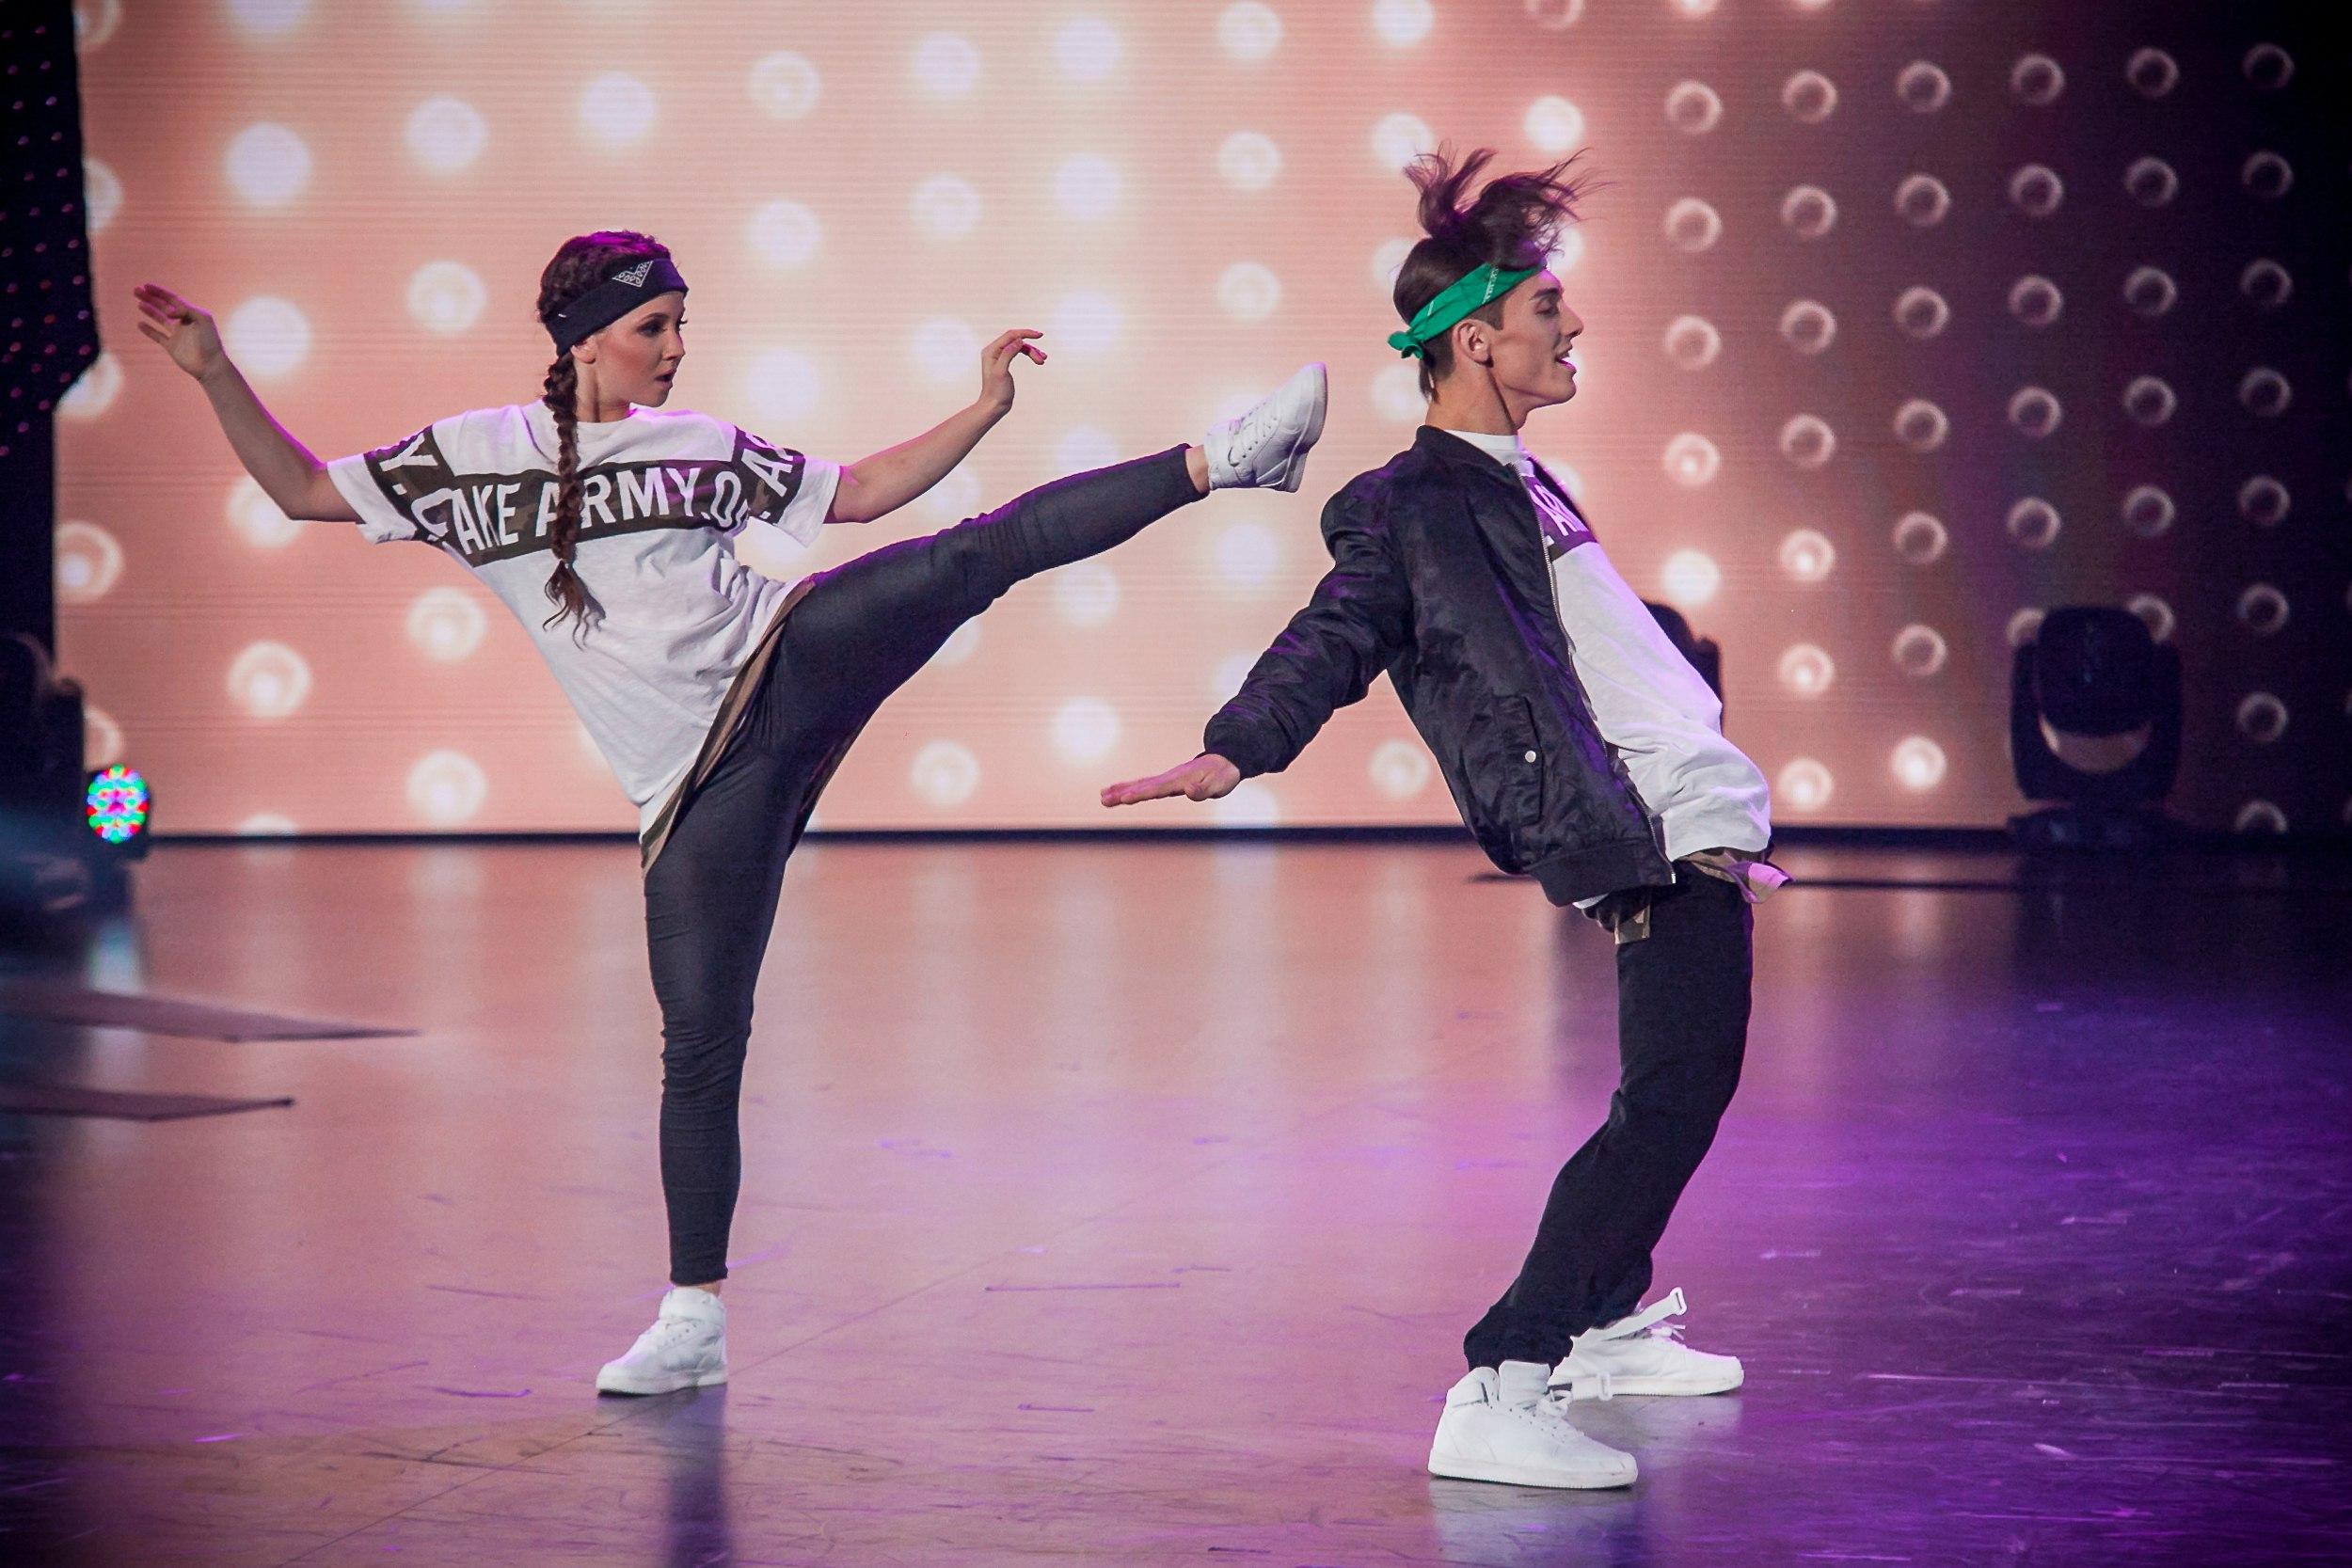 Егор Дружинин и Мигель набрали себе по 10 лучших танцовщиков 3 сезона. Теперь участникам предстои